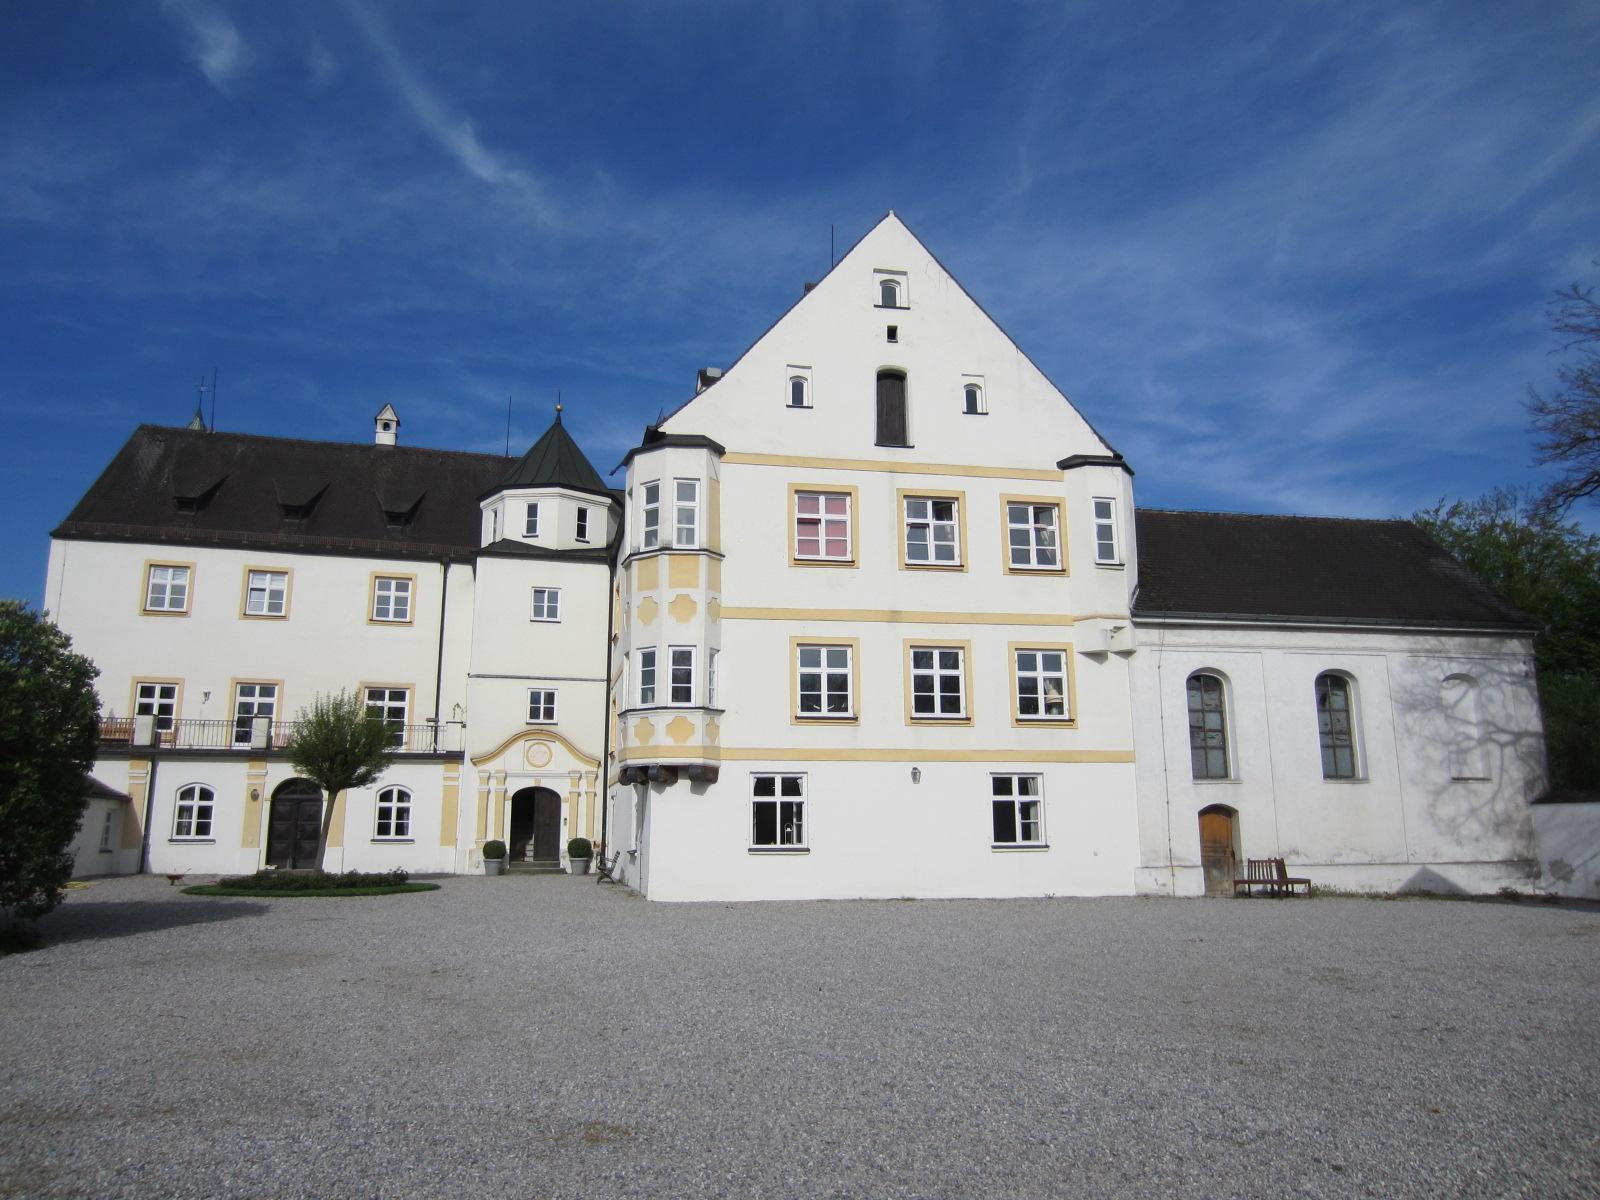 Biomasse-HW Schloss Lauterbach - Energieberatung Schloss Lauterbach